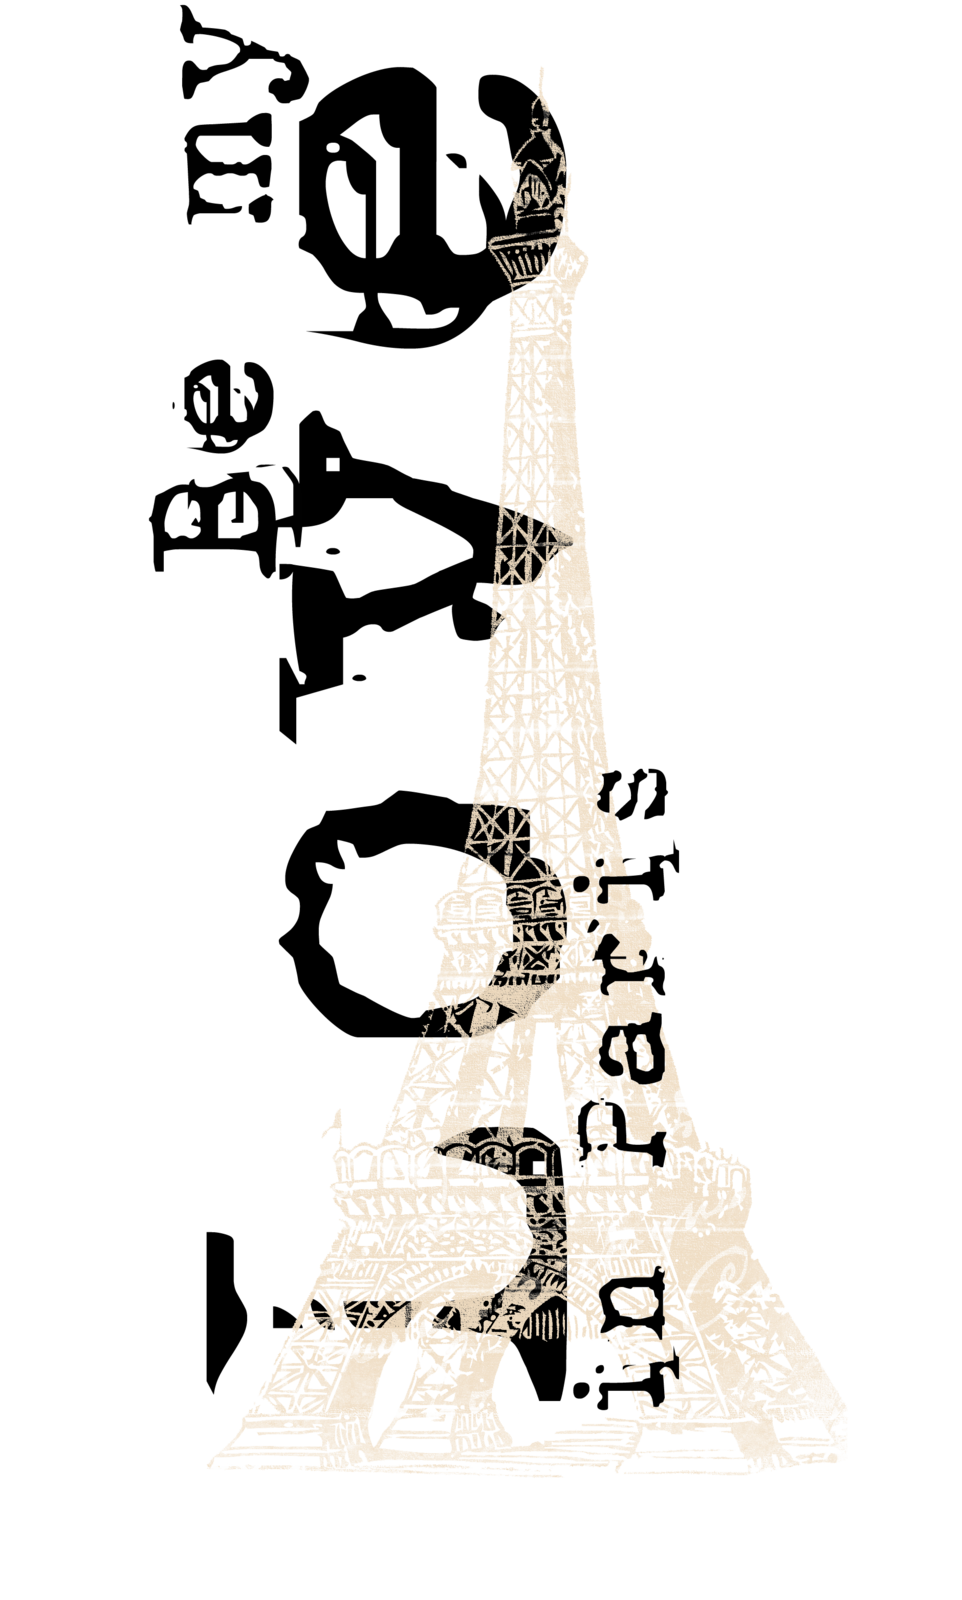 Kit de scrapbooking : Soit mon Amour à Paris (Be my love in Paris)